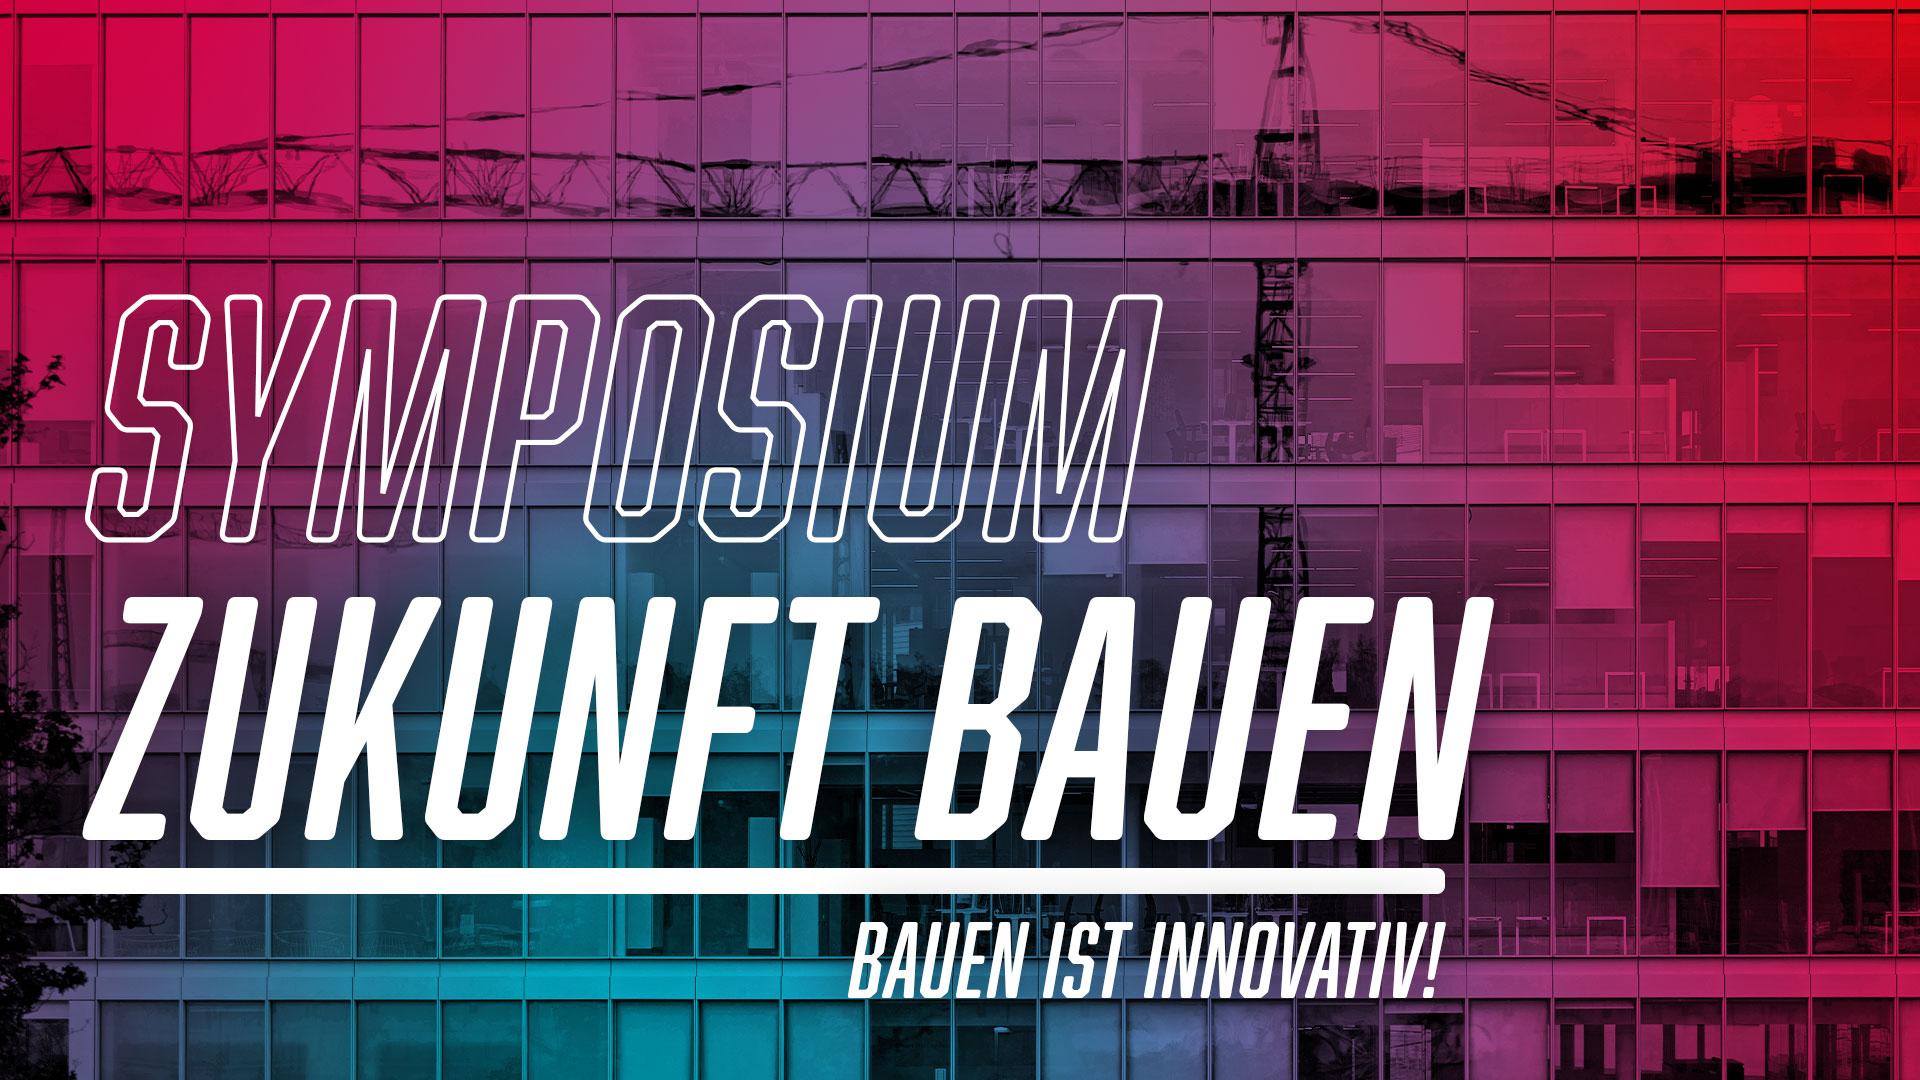 Banner Symposium Zukunft bauen